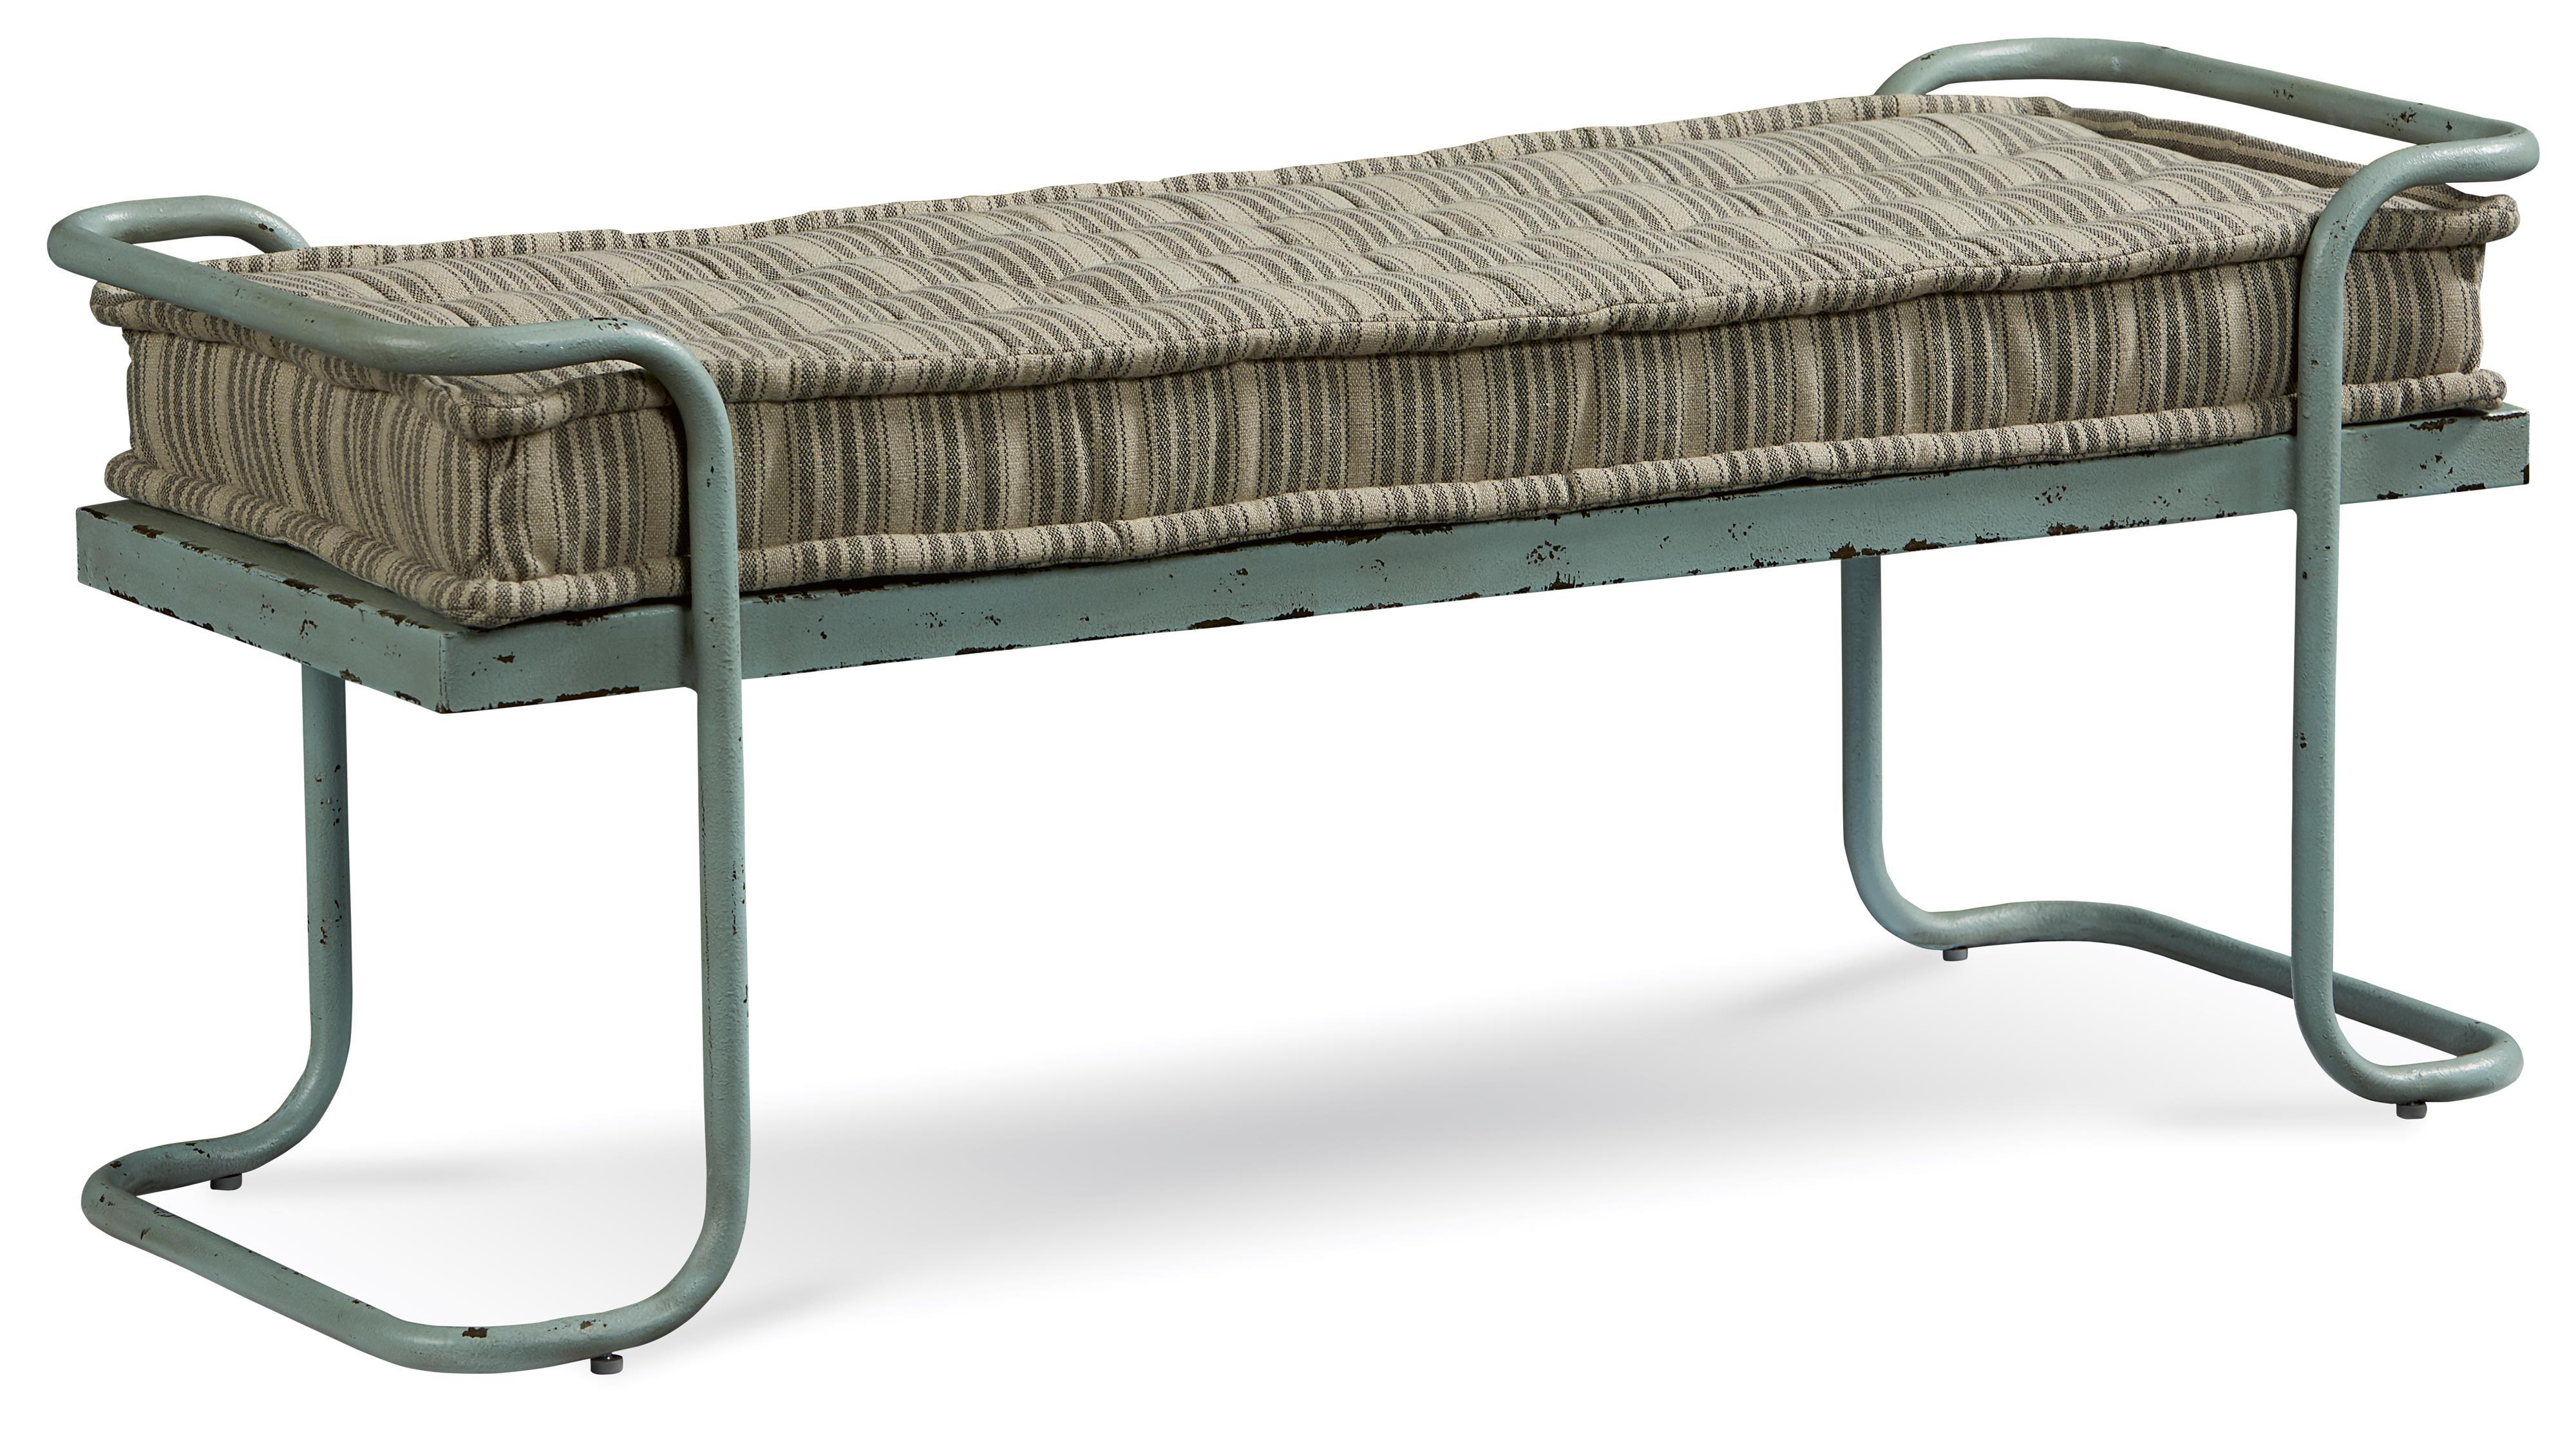 Belfort Signature Urban Treasures Rustic Metal Shaw Bed Bench - Item Number: 223149-2621